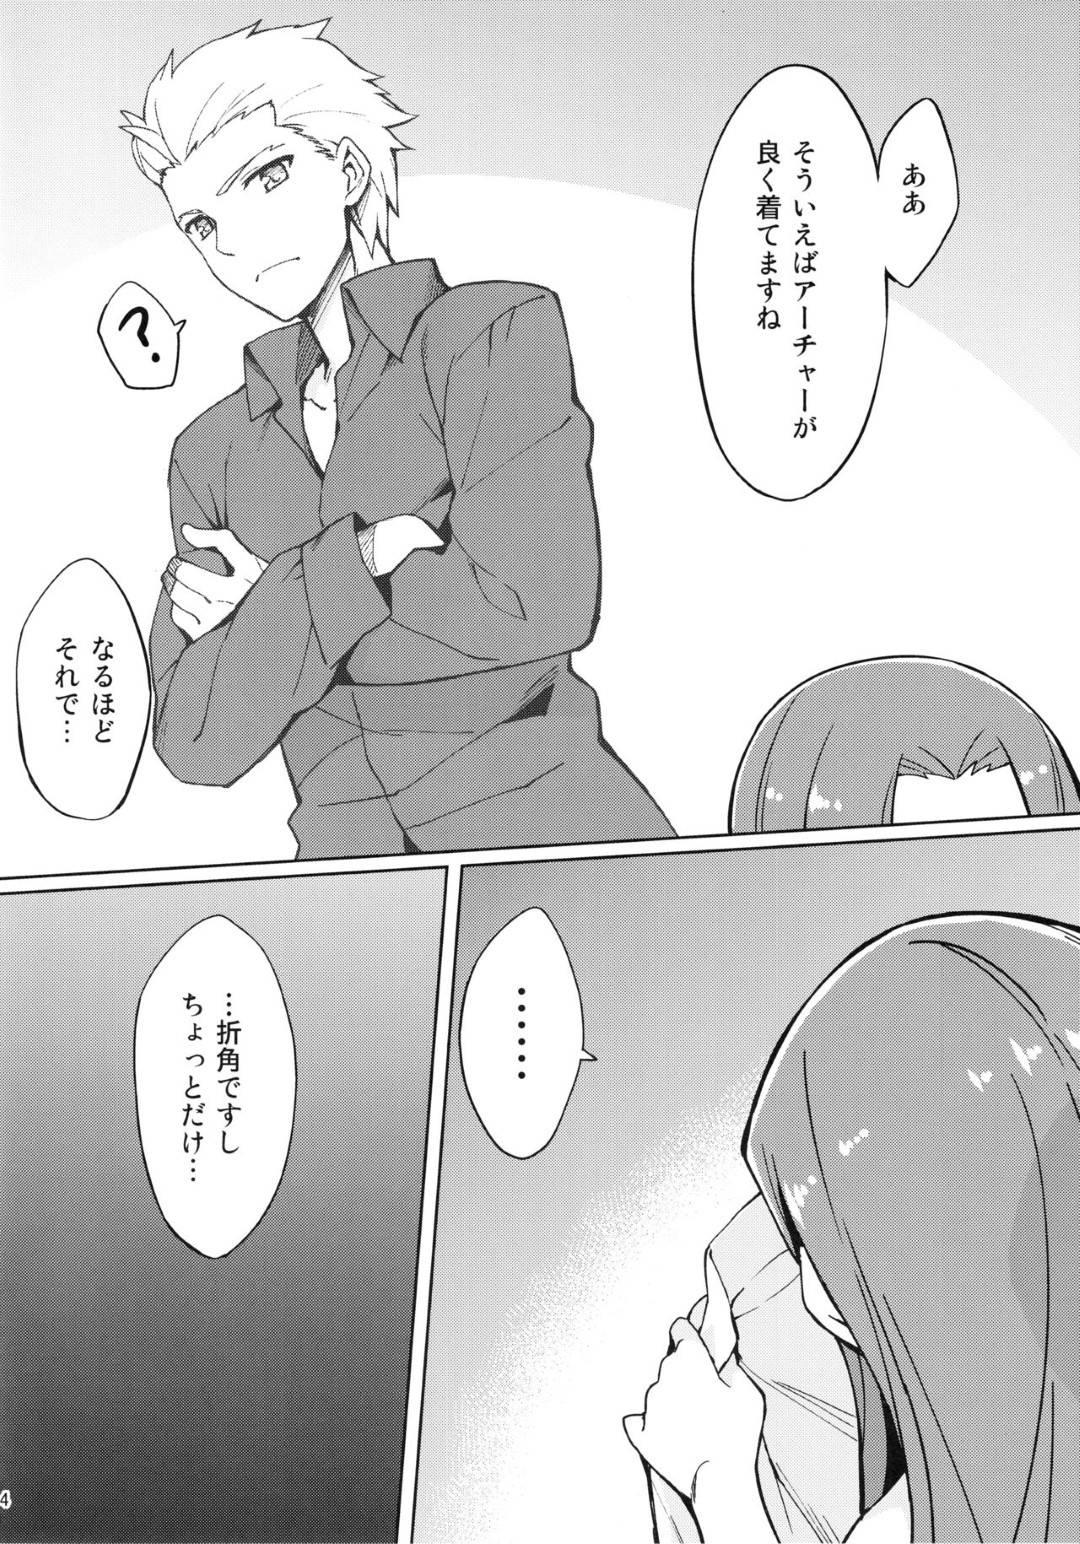 【fateエロ漫画】ライダーがオナニーしているところを見てしまった士郎。驚く彼に気づいたライダーは発情状態を抑えられず、彼に襲いかかって馬乗りになり勃起チンポを生挿入して騎乗位生セックス!【S.S.L】